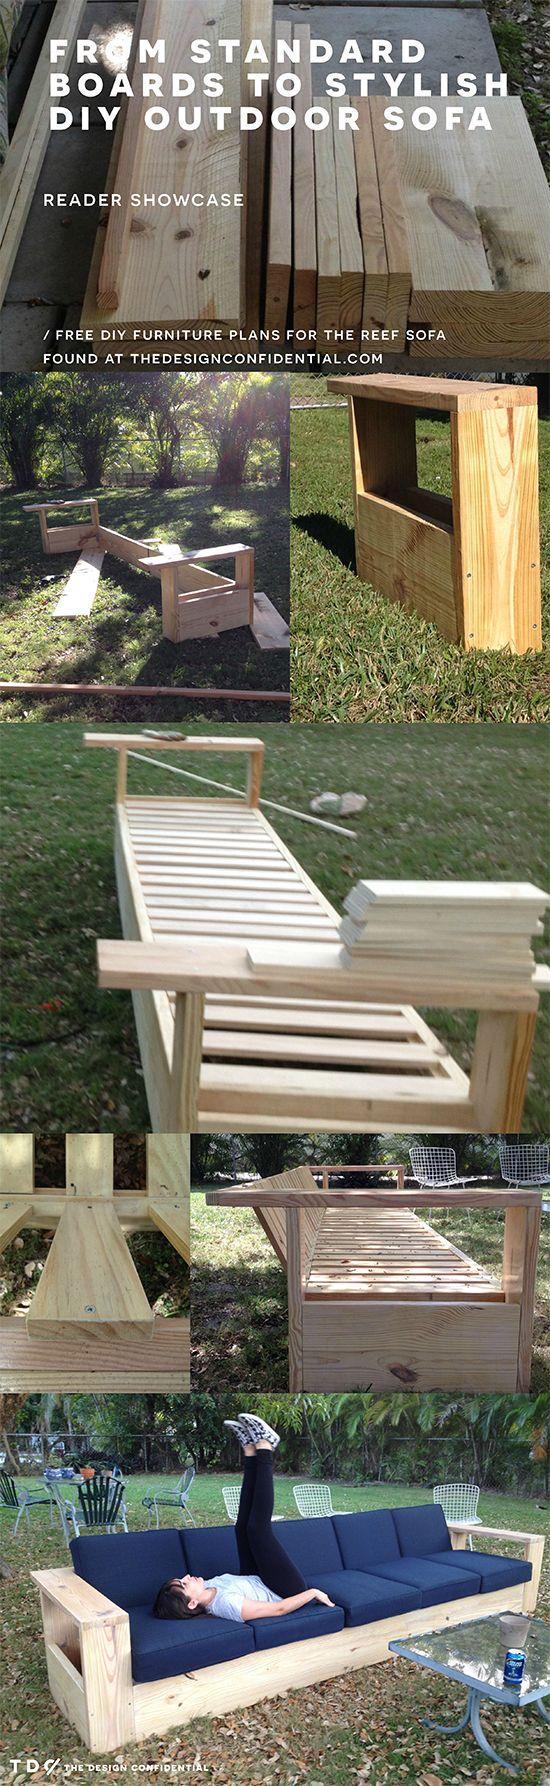 #DIY Outdoor Sofa - einfach gemacht und wirklich schön!